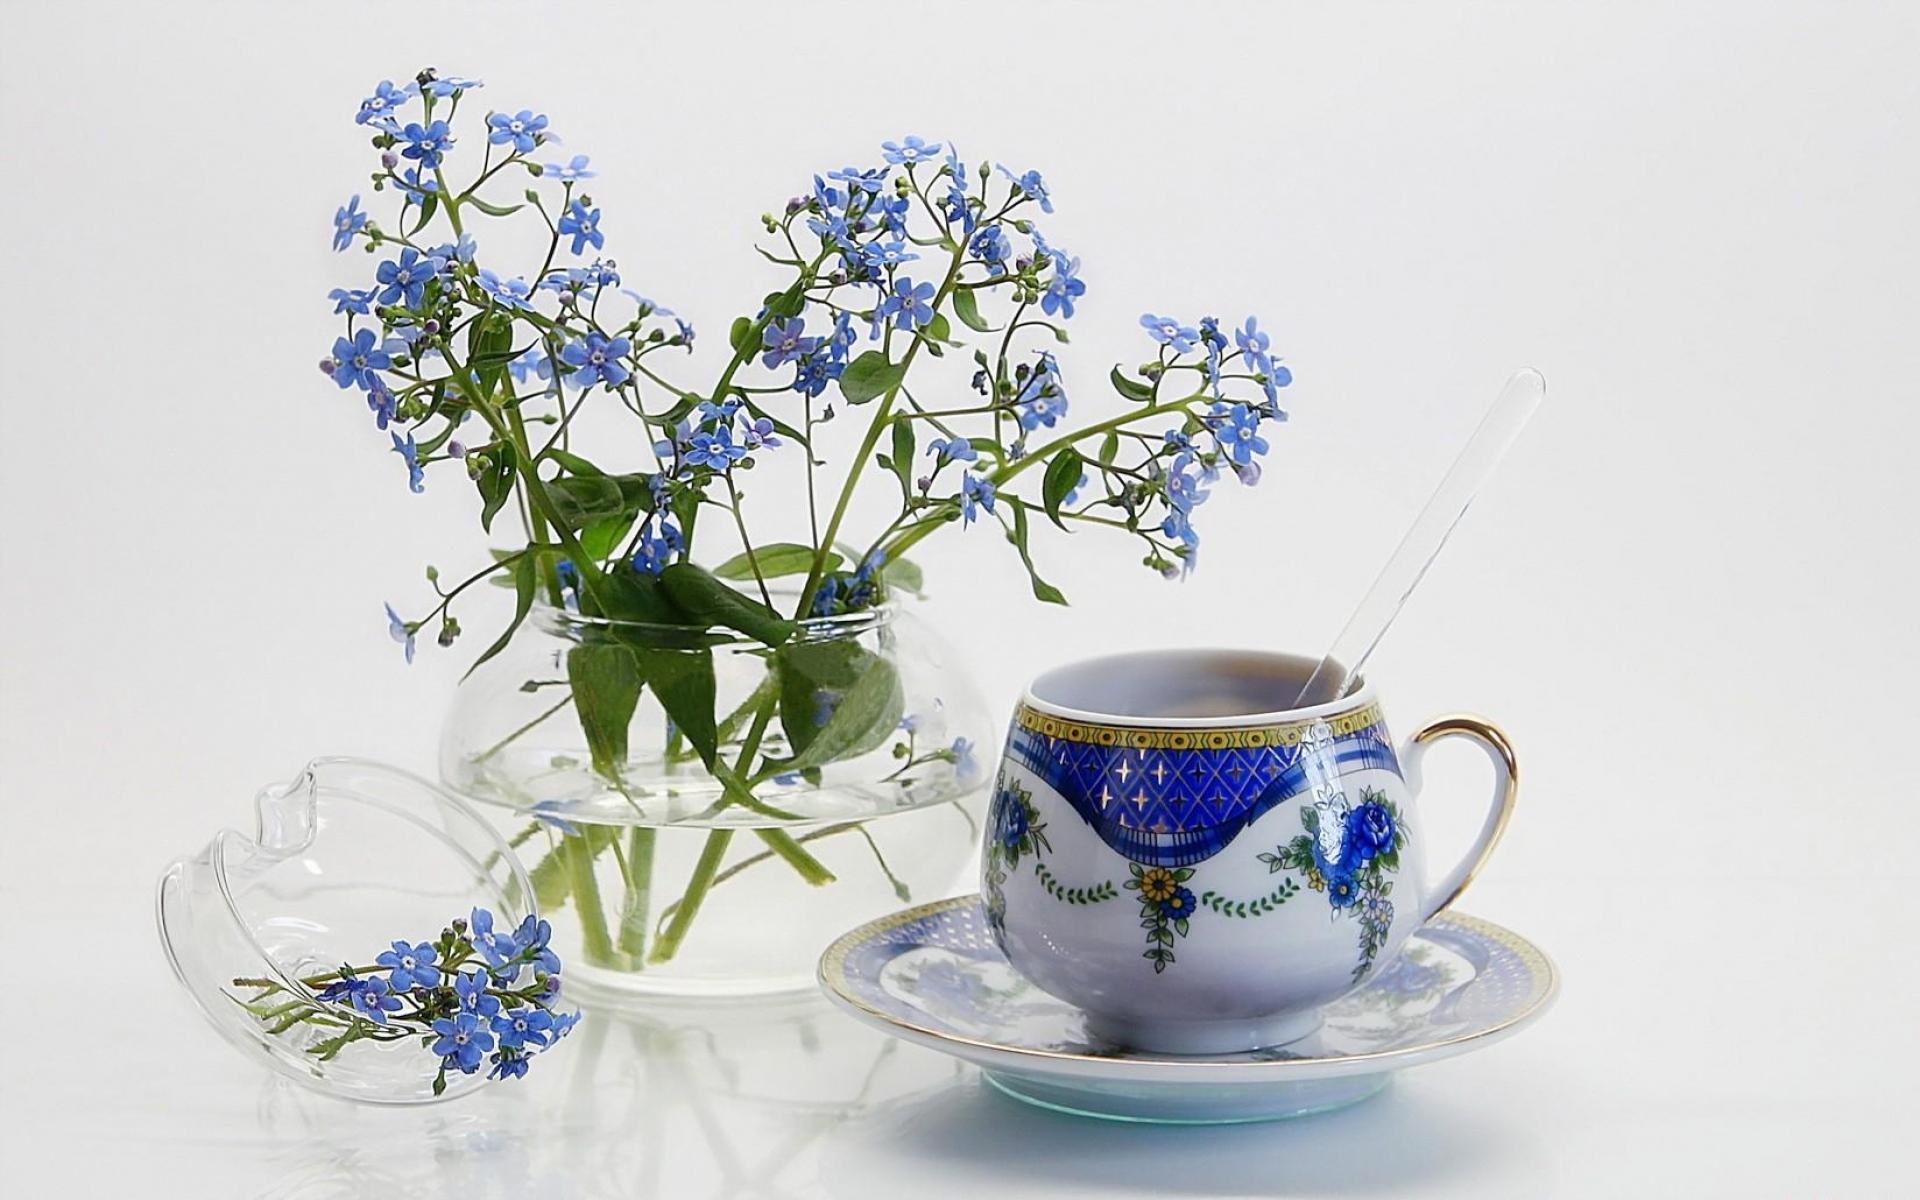 Картинки незабудки, цветы, маленькие, кувшин, чай пара фото и обои на рабочий стол